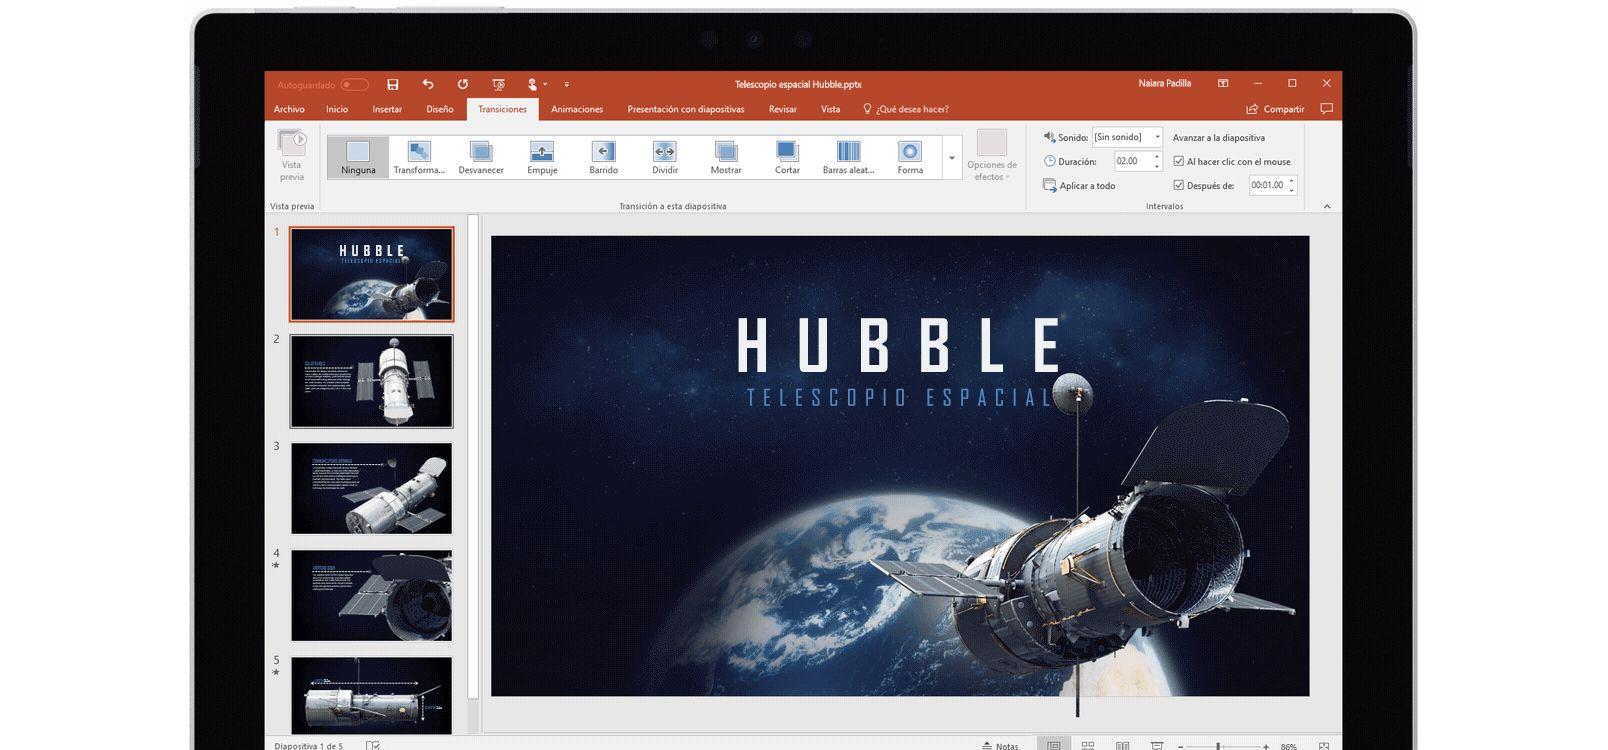 Pantalla de una tableta en la que se muestra el uso de la transición Transformación en una presentación de PowerPoint sobre telescopios espaciales